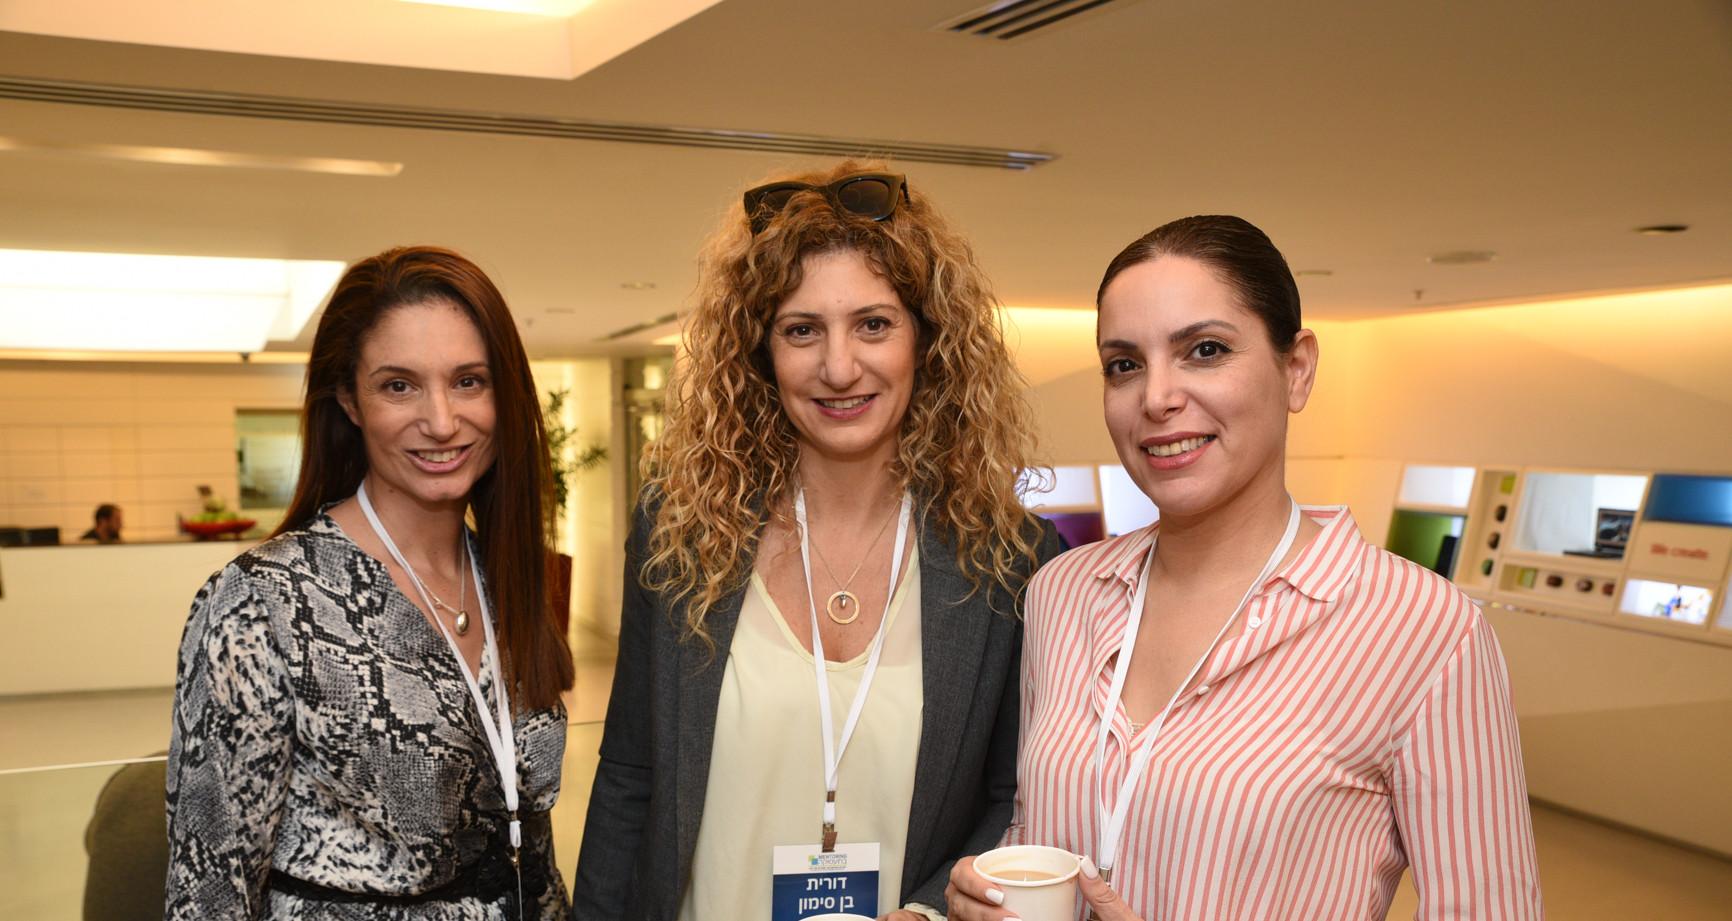 שלוש נשים עומדות אחת ליד השניה